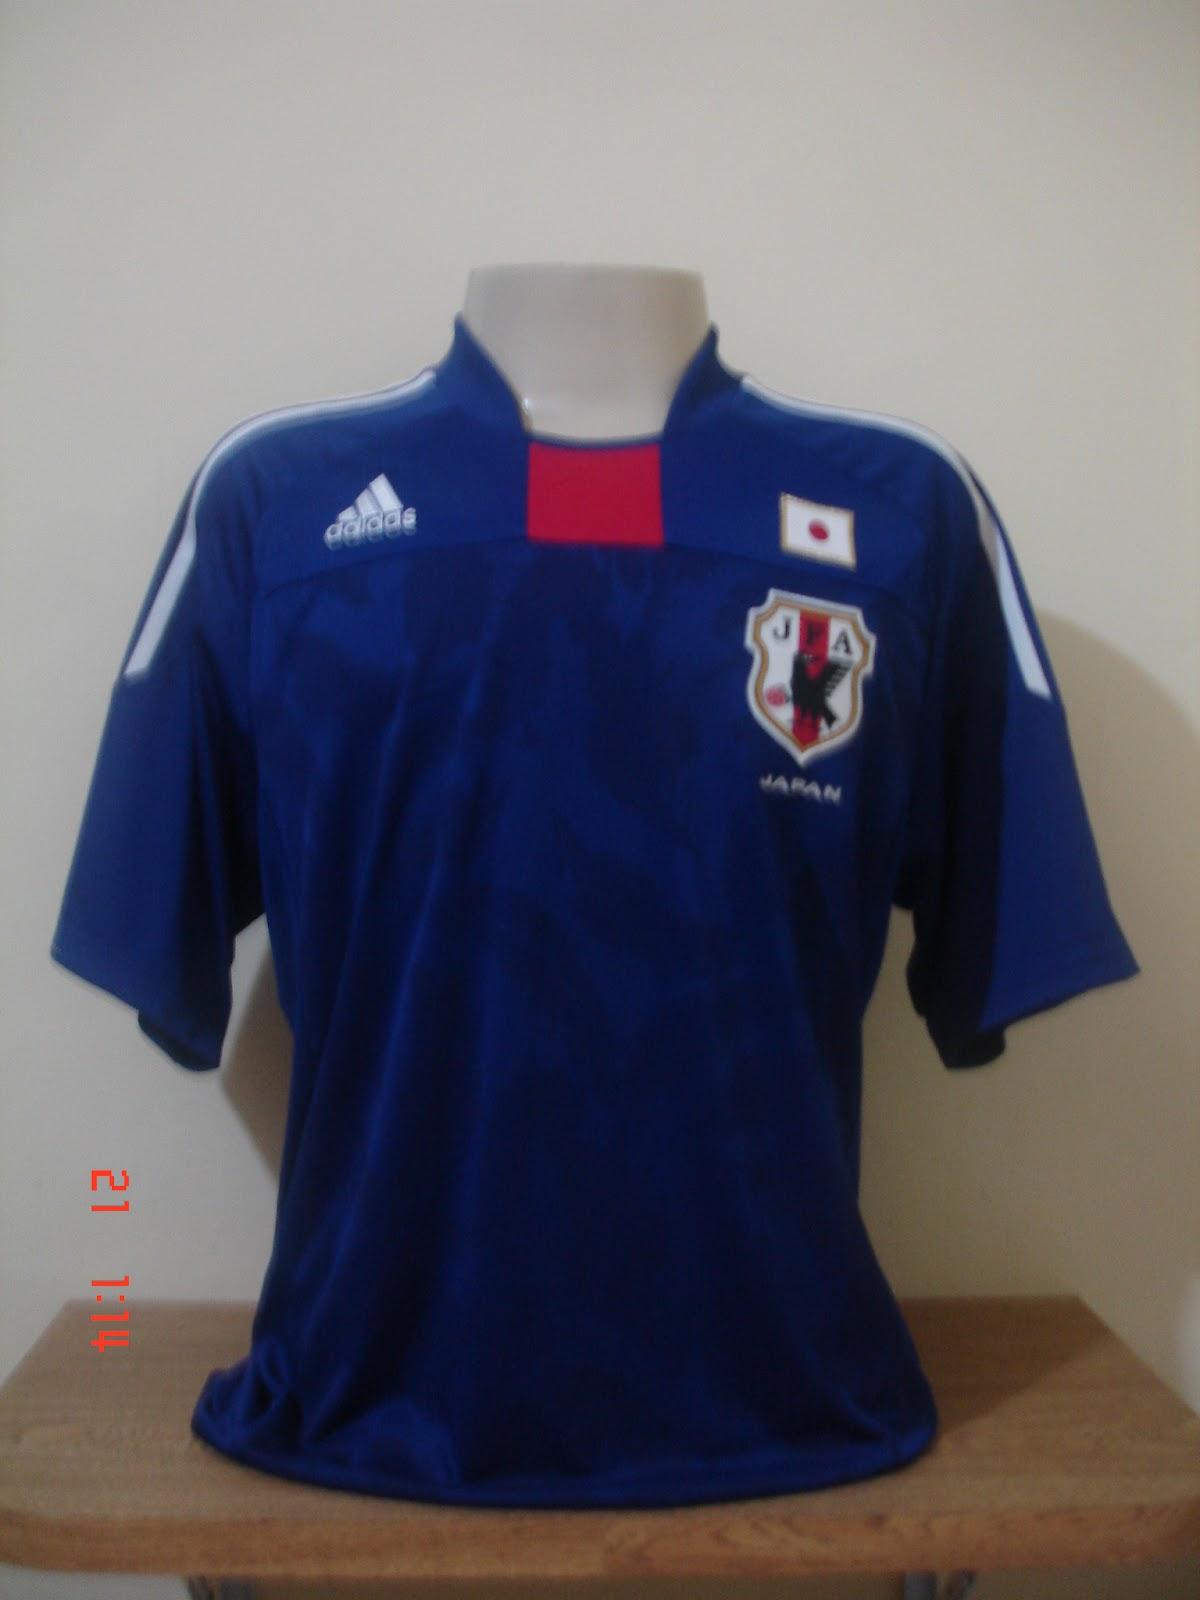 Dia 10 05 2012. Na copa de 2010 a Coréia do Sul jogou com uma camisa muito  bonita. A camisa é rosa e tem como marca d´agua as listras do tigre. a7b8ca6d2163c